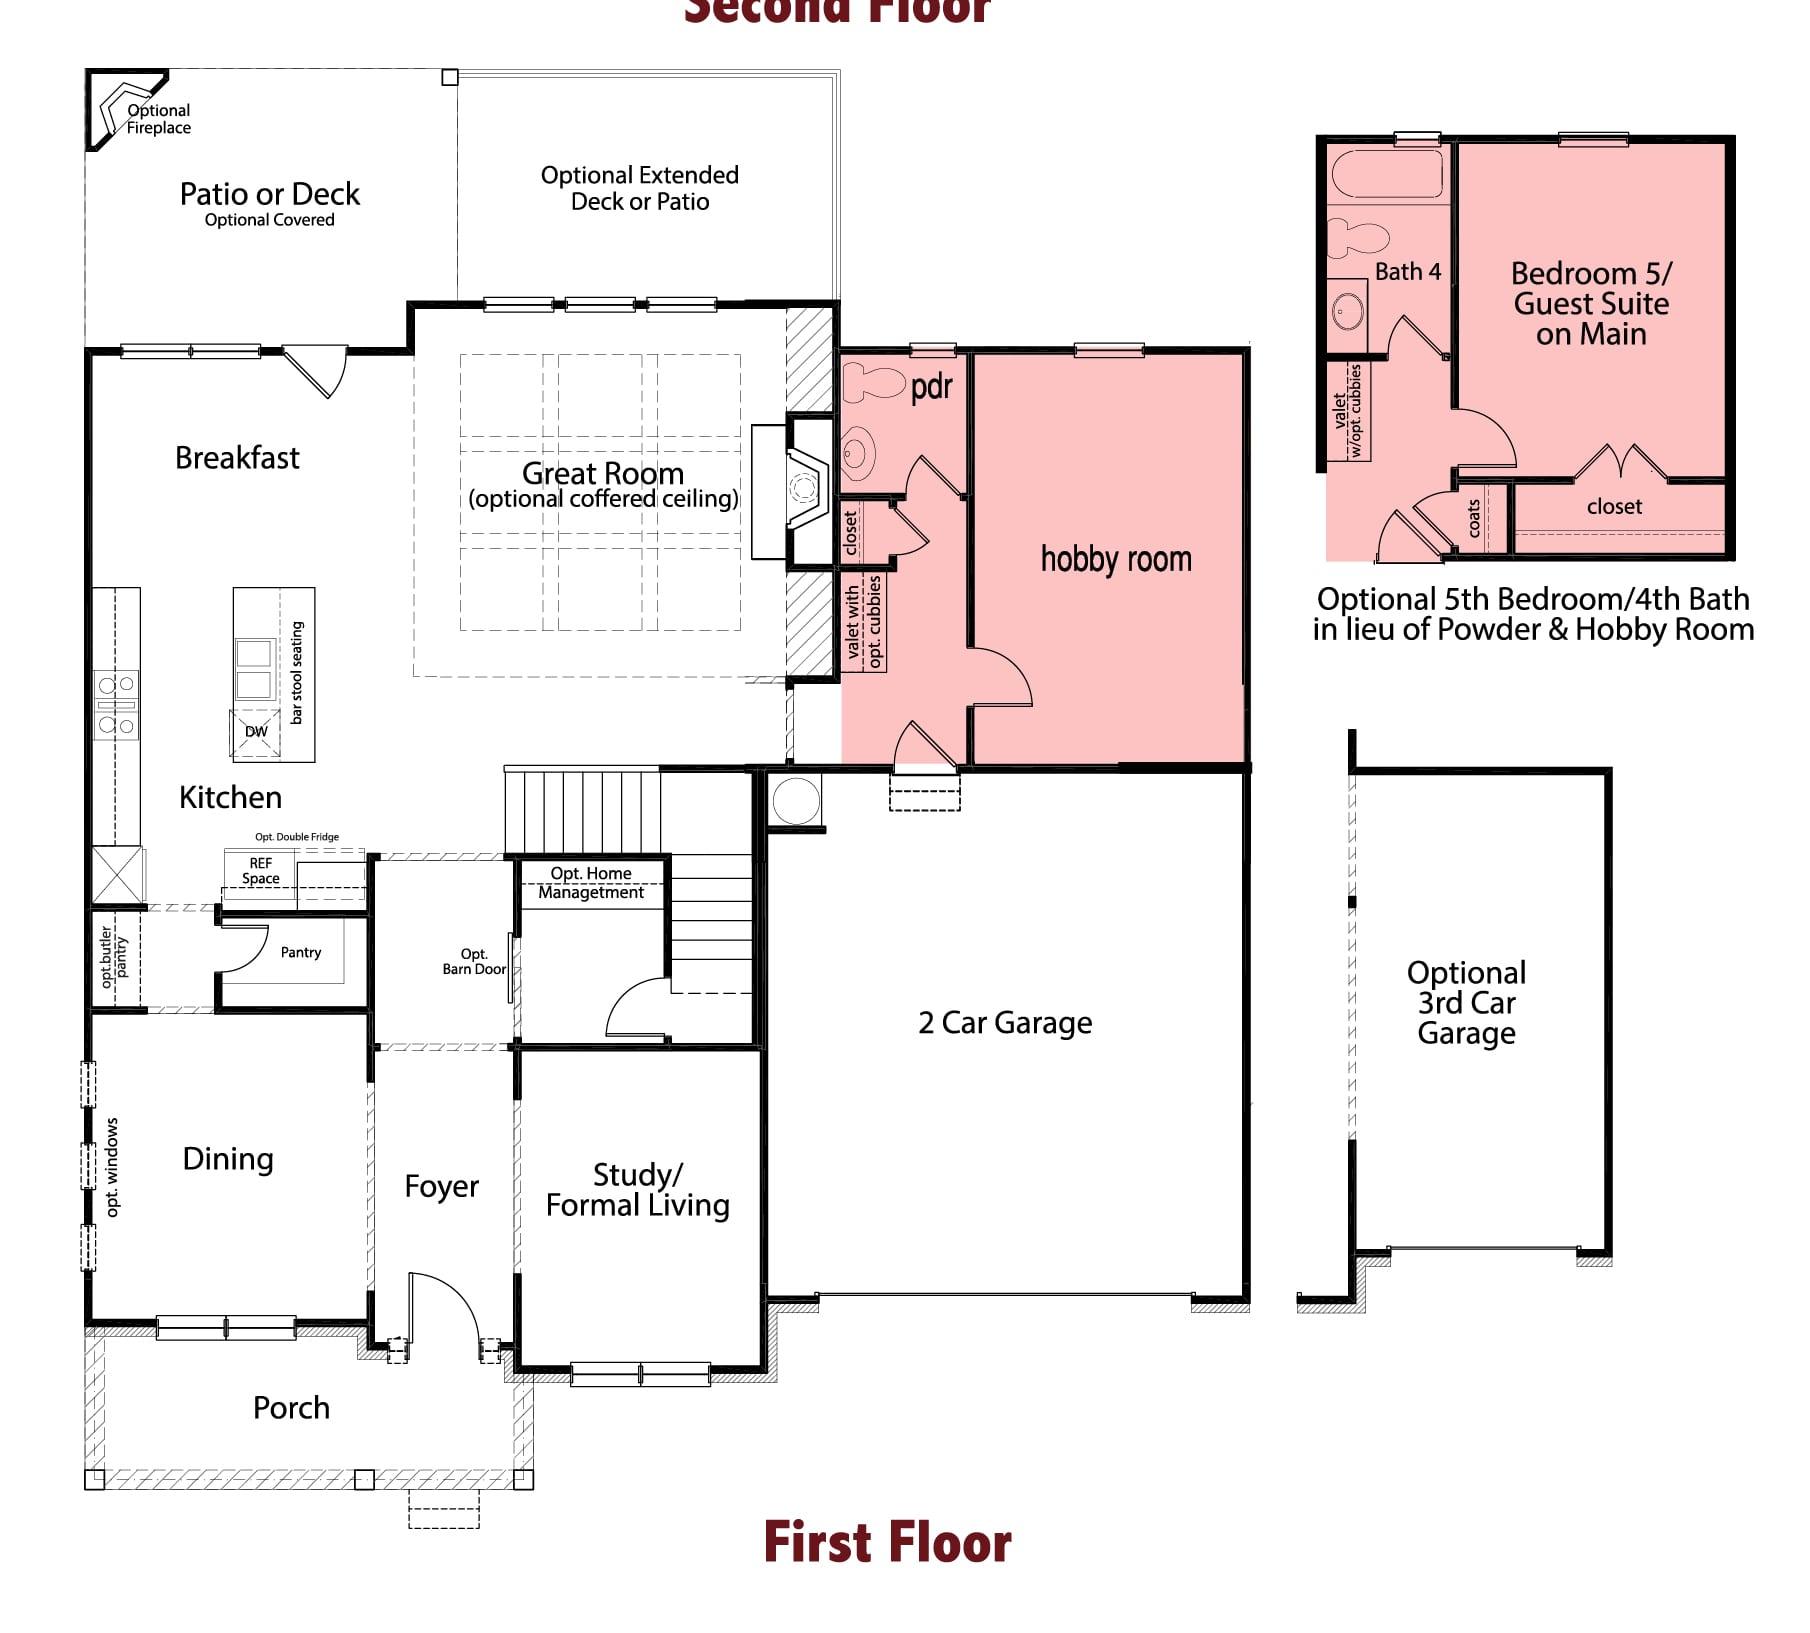 Glenbrooke plans Image